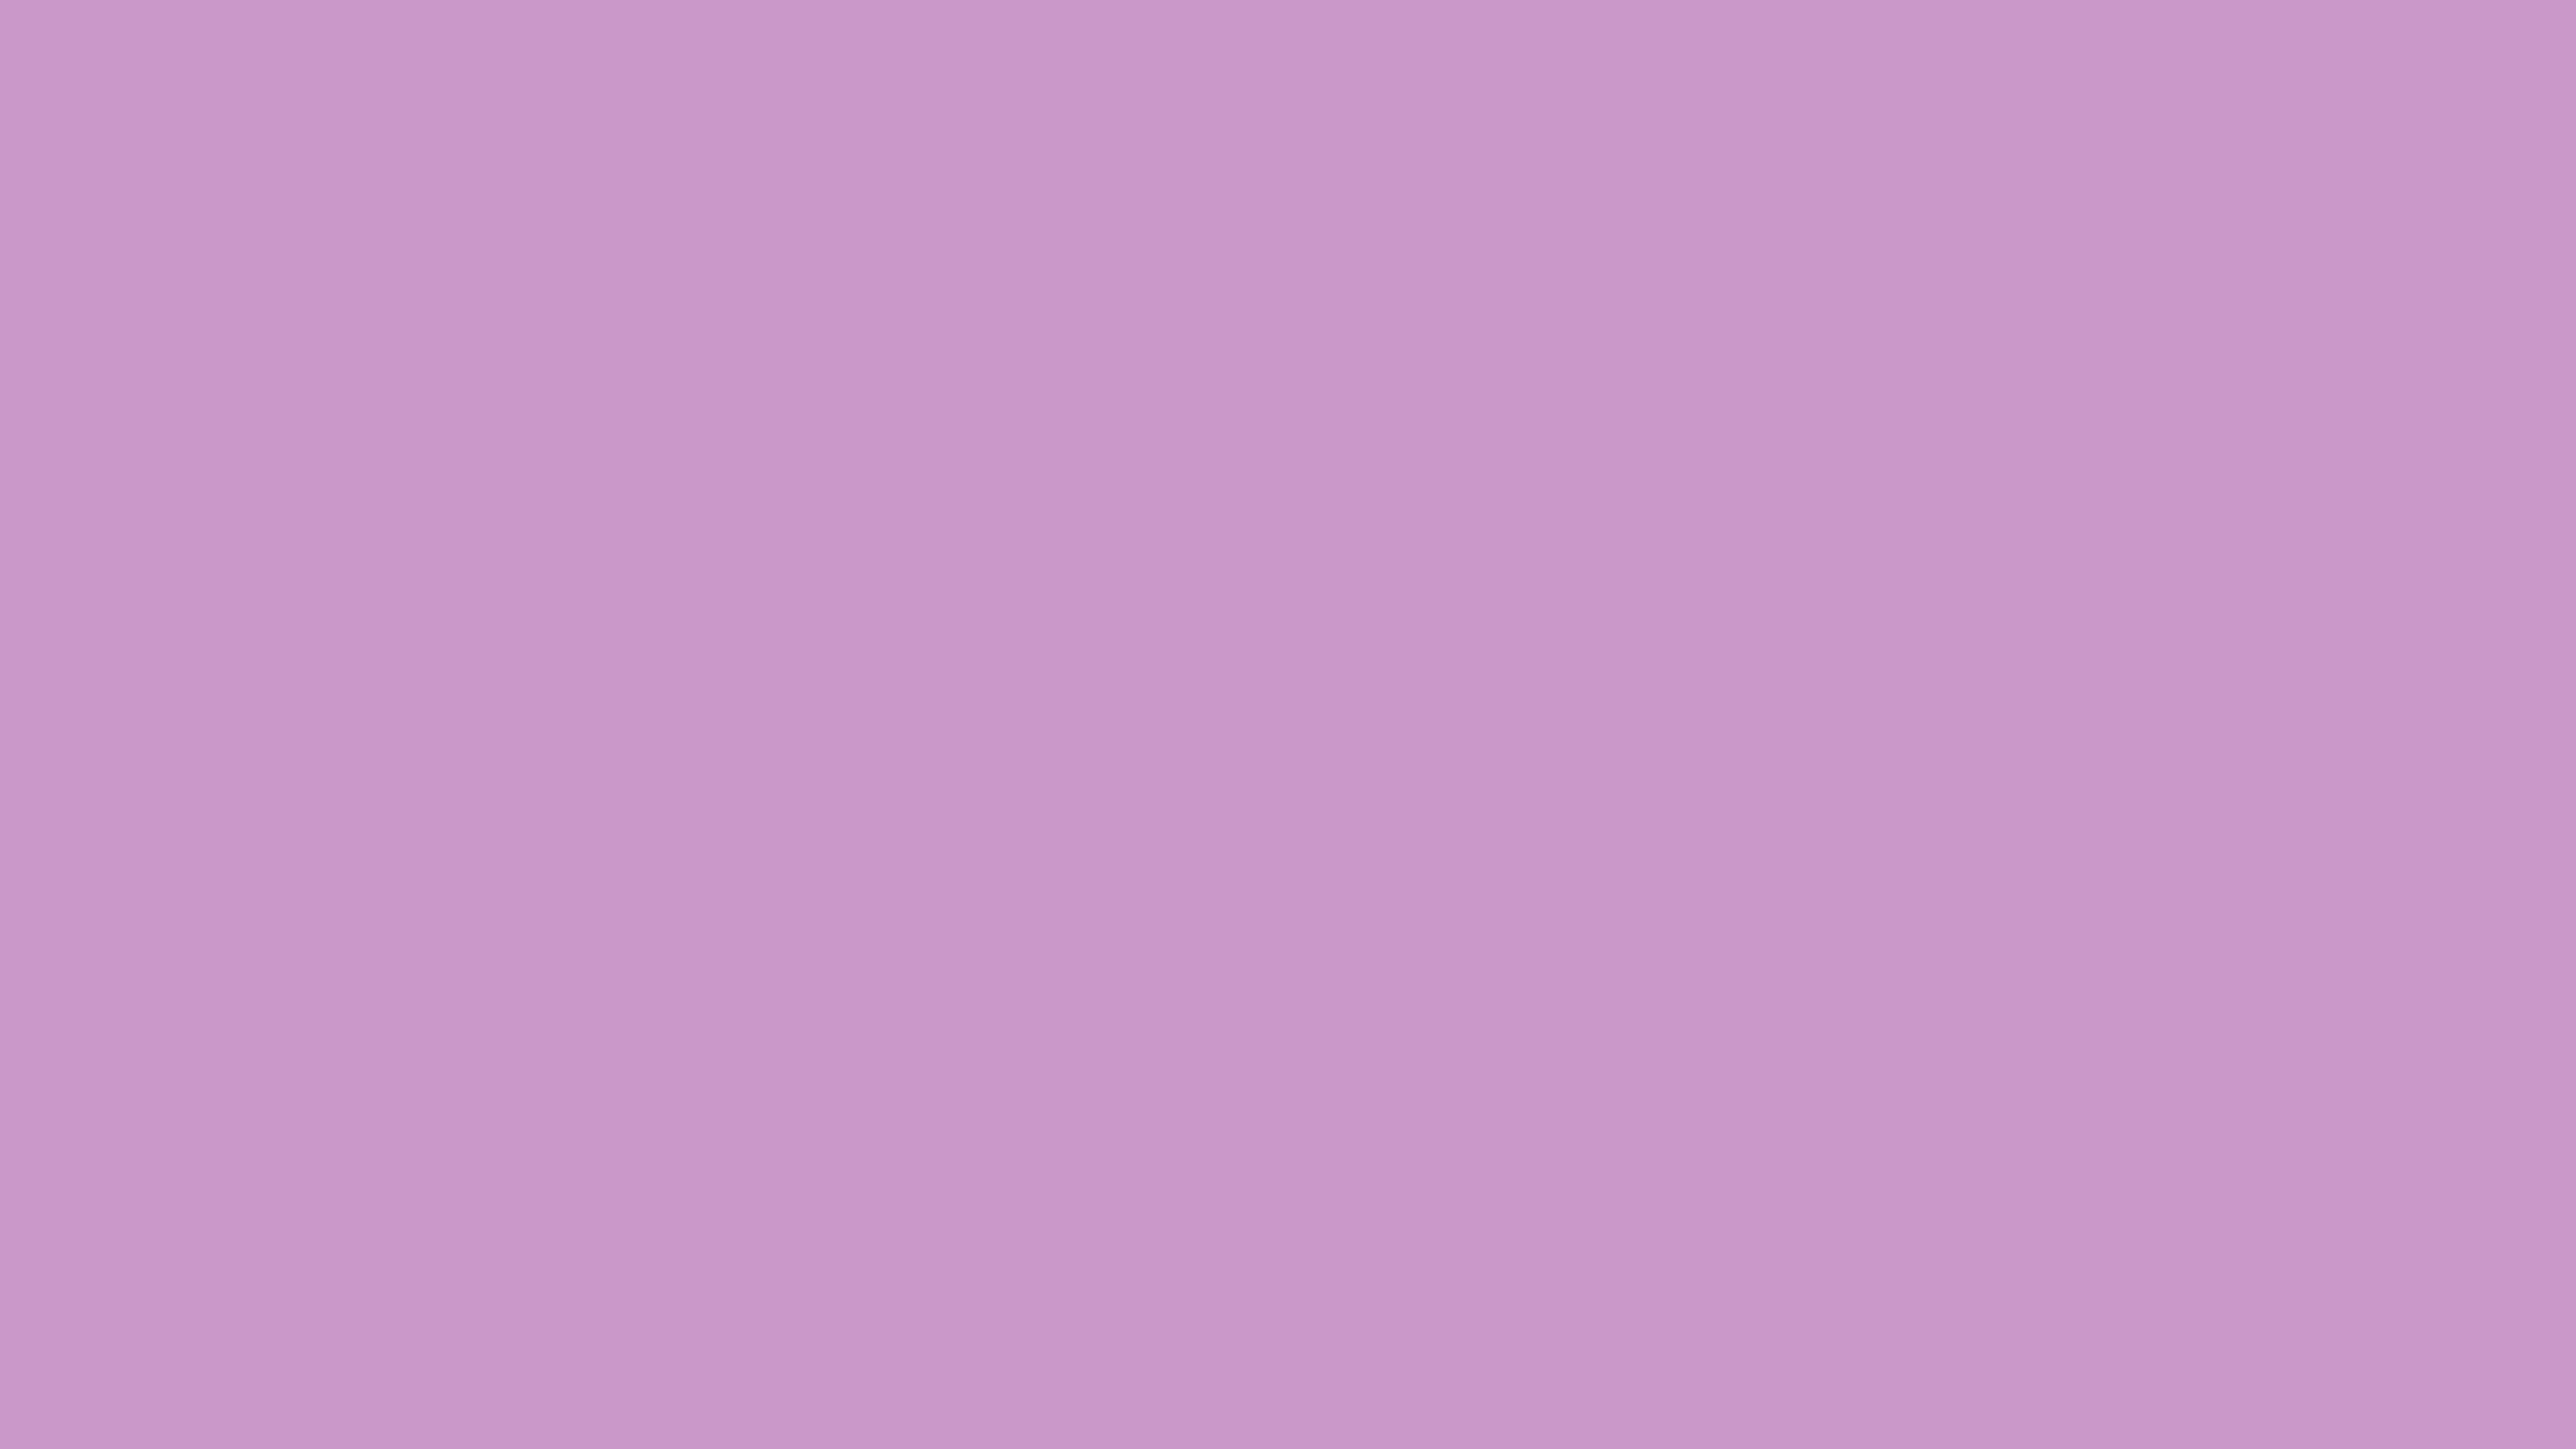 5120x2880 Pastel Violet Solid Color Background